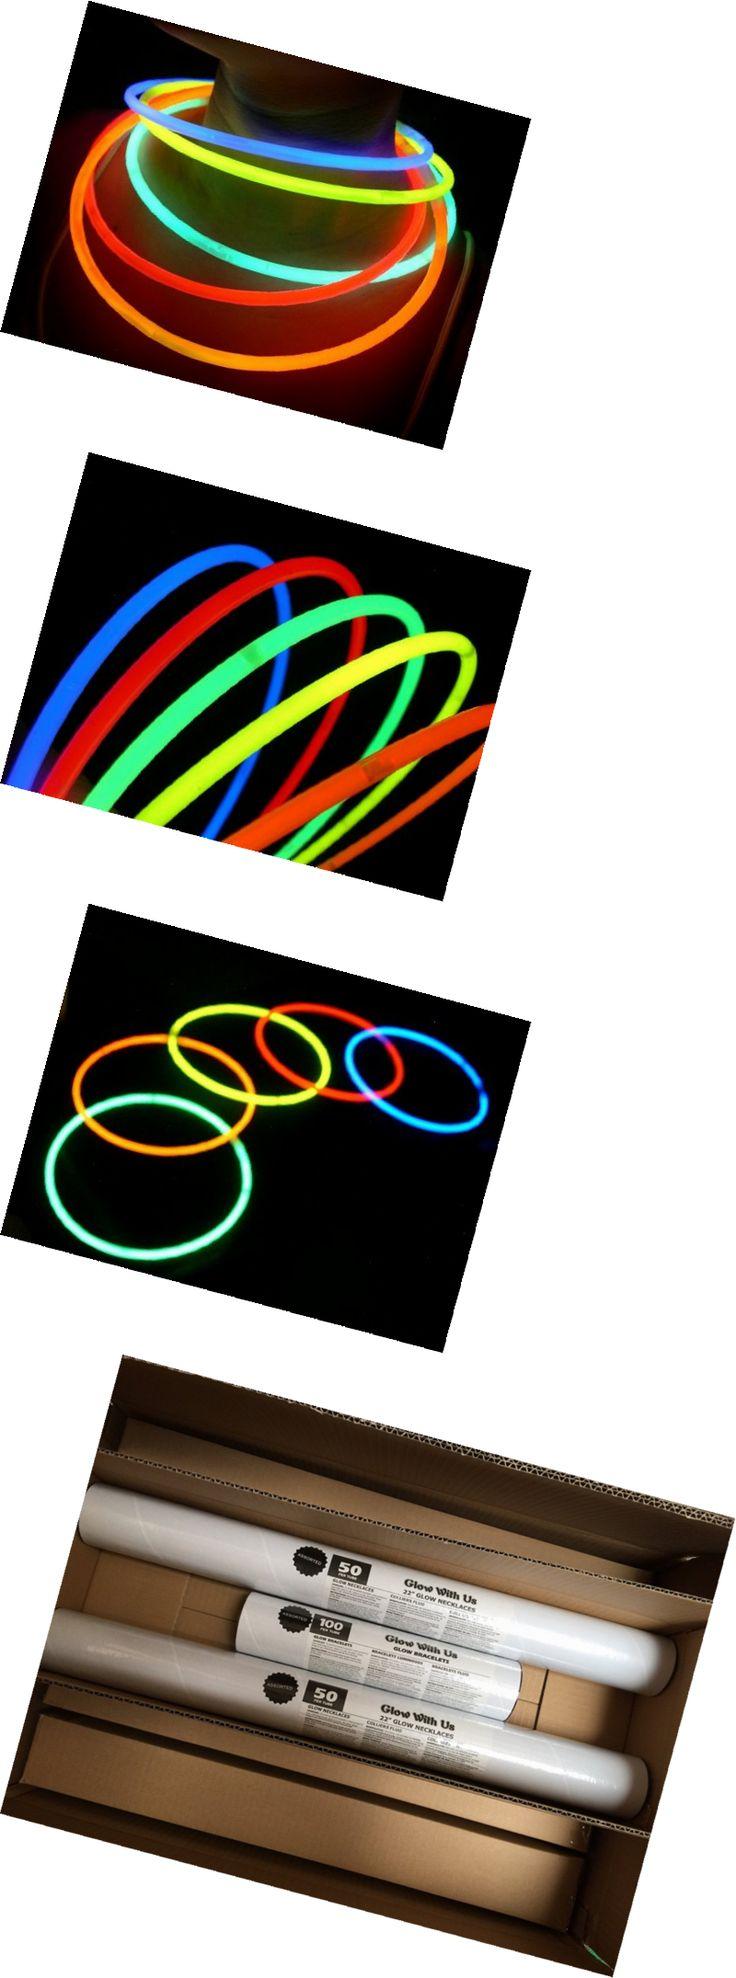 """Glow Sticks 51019: Glow Sticks Bulk Wholesale Necklaces, 100 22"""" Glow Stick Necklaces+100 Fr -> BUY IT NOW ONLY: $48.7 on eBay!"""